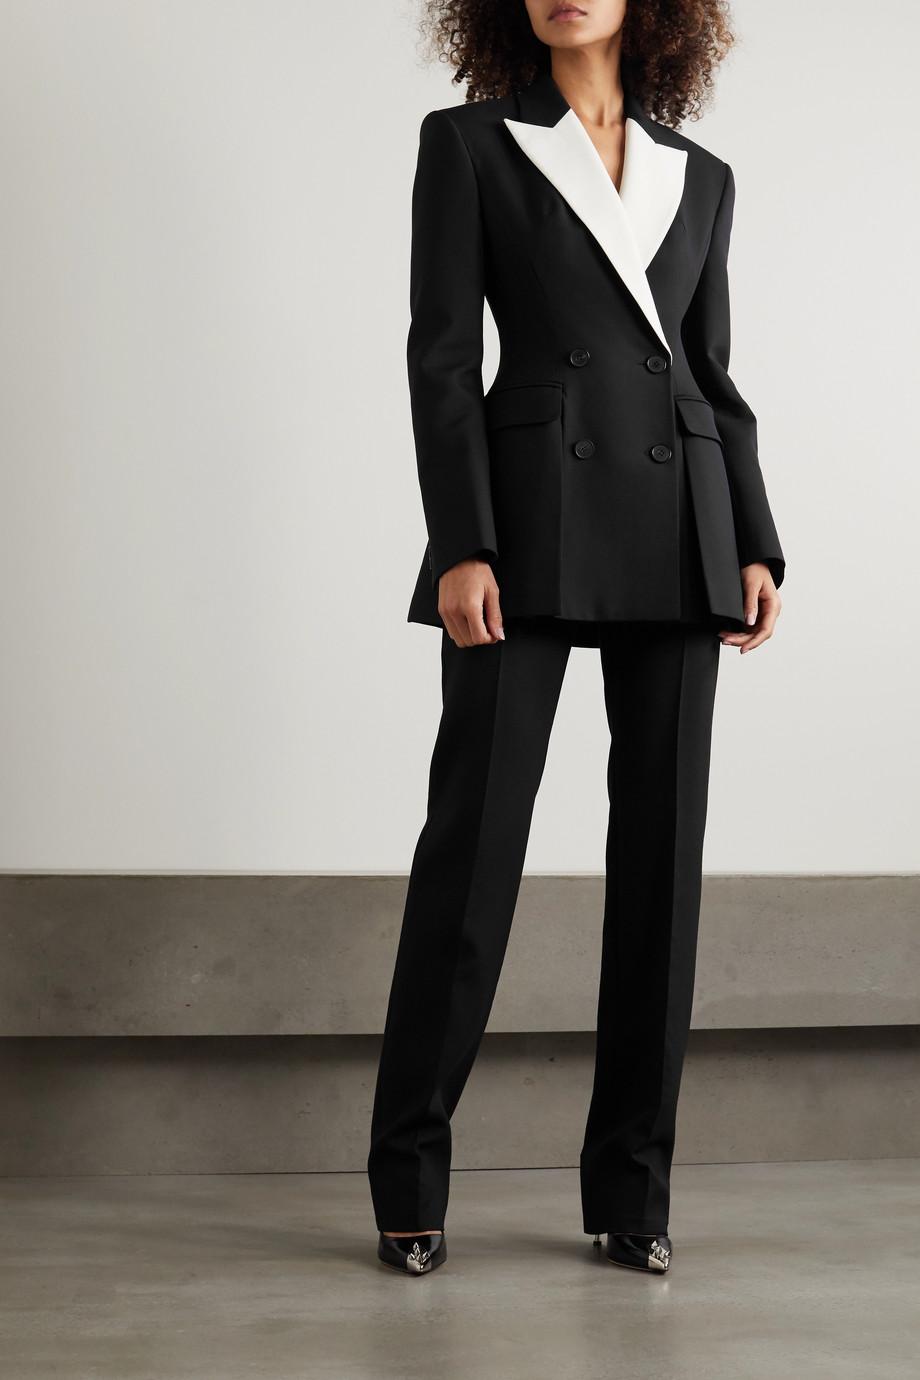 Alexander McQueen 双排扣双色粒纹羊毛混纺西装外套